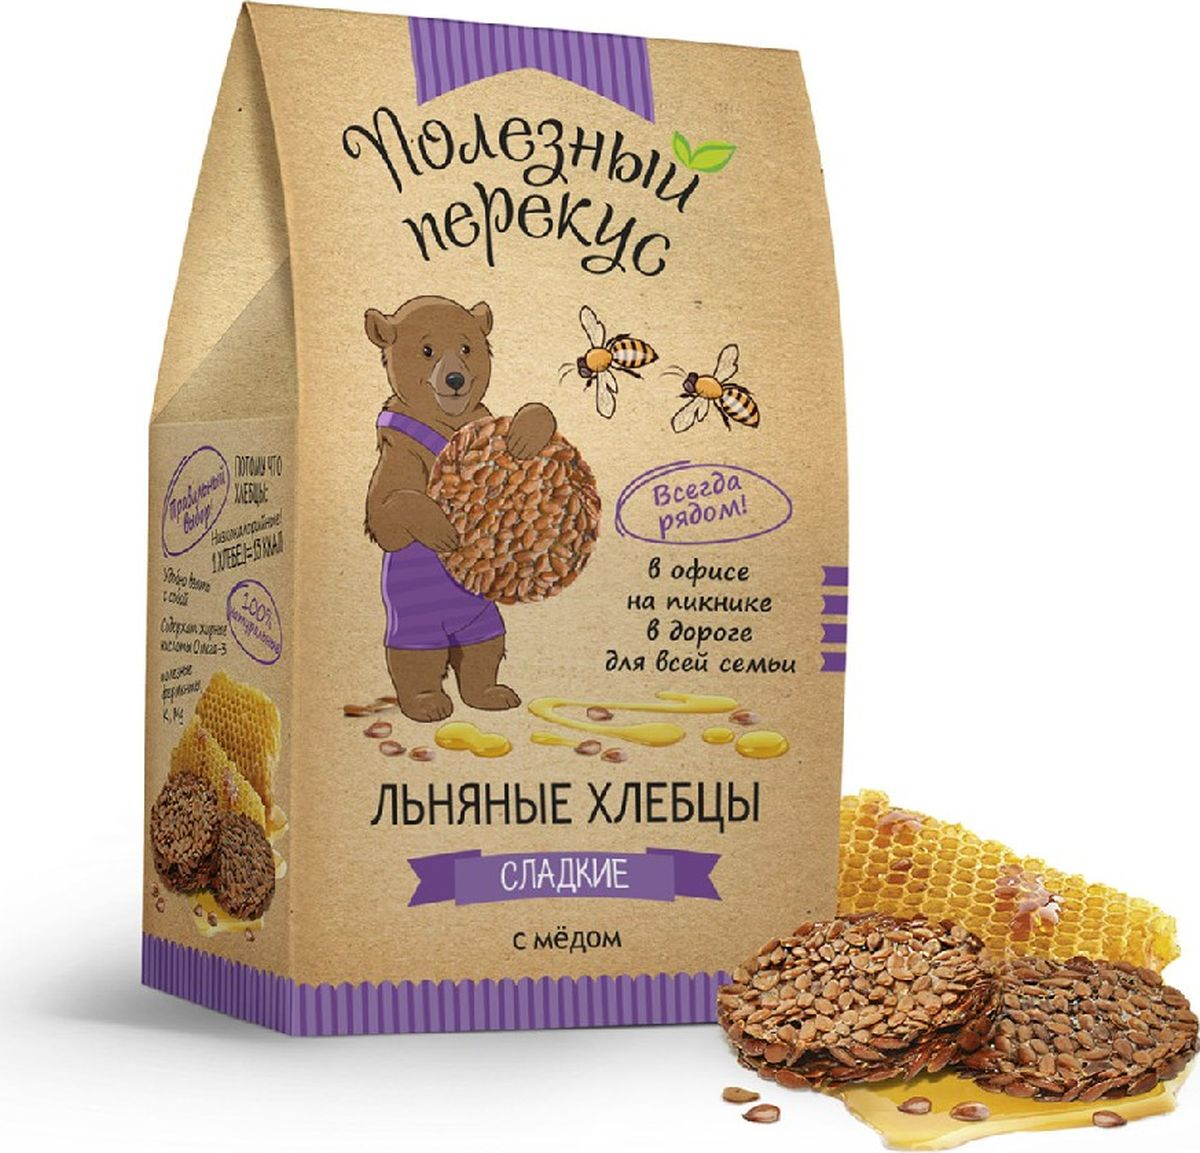 Полезный перекус хлебцы льняные с медом сладкие, 100 г212006Льняные хлебцы - хрустящие снеки прямо с Алтайских полей! Помогут вам с пользой для здоровья утолить голод даже на ходу. Ведь льняное семя - это источник жирных Омега-3 кислот, клетчатки и растительного белка. Семена льна помогут настроить работу кишечника и тем самым нормализовать вес.Ароматный мед повышает энергетический уровень, жизненный тонус и придает сил. А его ферменты способствуют отличному пищеварению и легкоусвояемости.